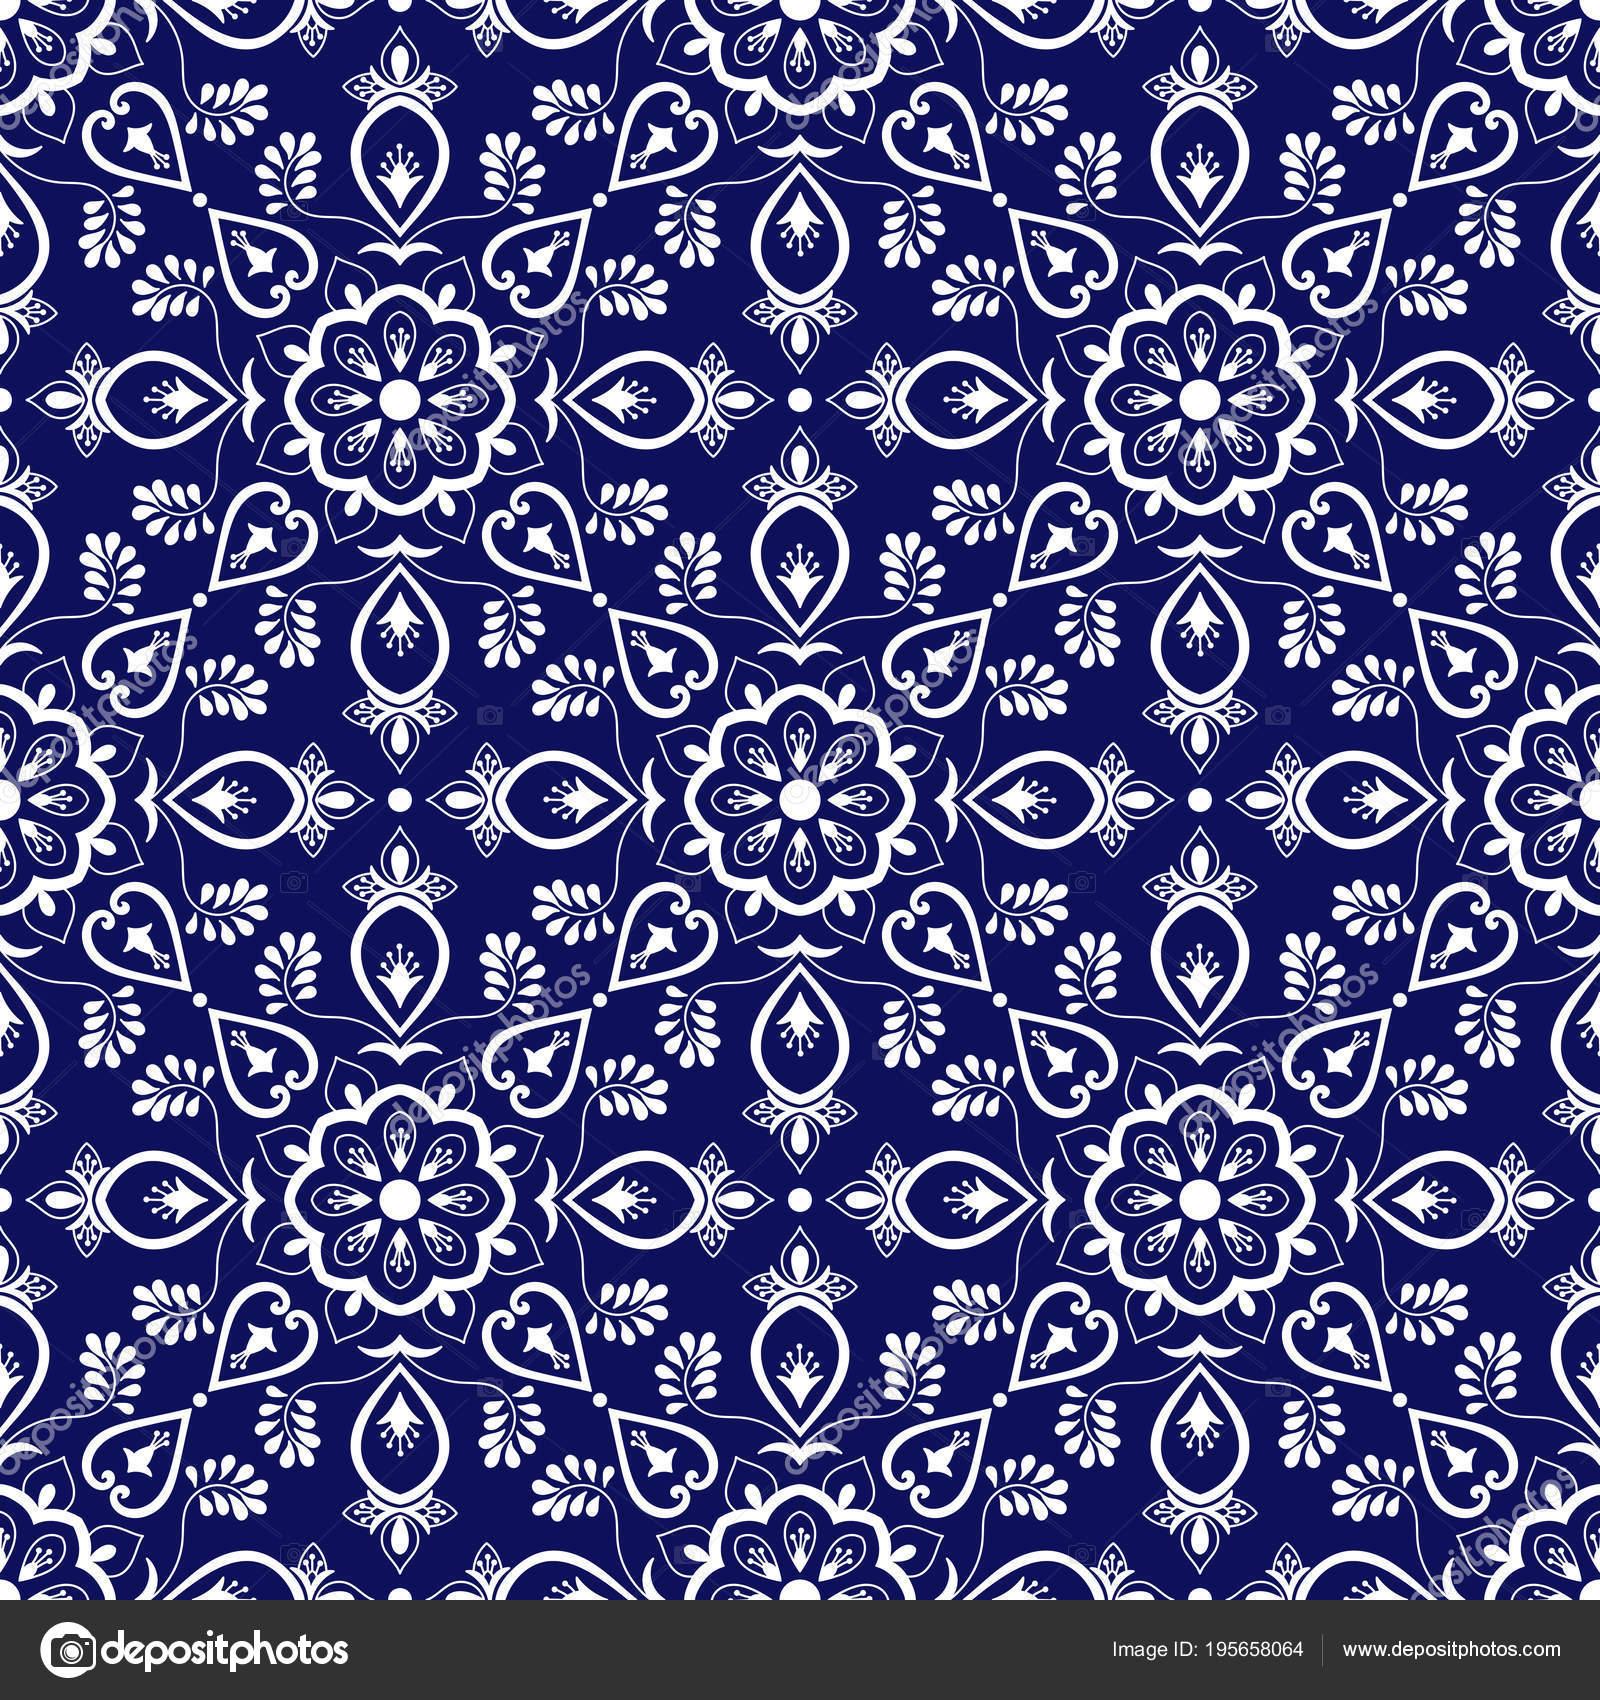 Salle De Bain Discac Loft ~ Carrelage Italien Vecteur Avec Ornements Bleus Et Blancs Azulejos